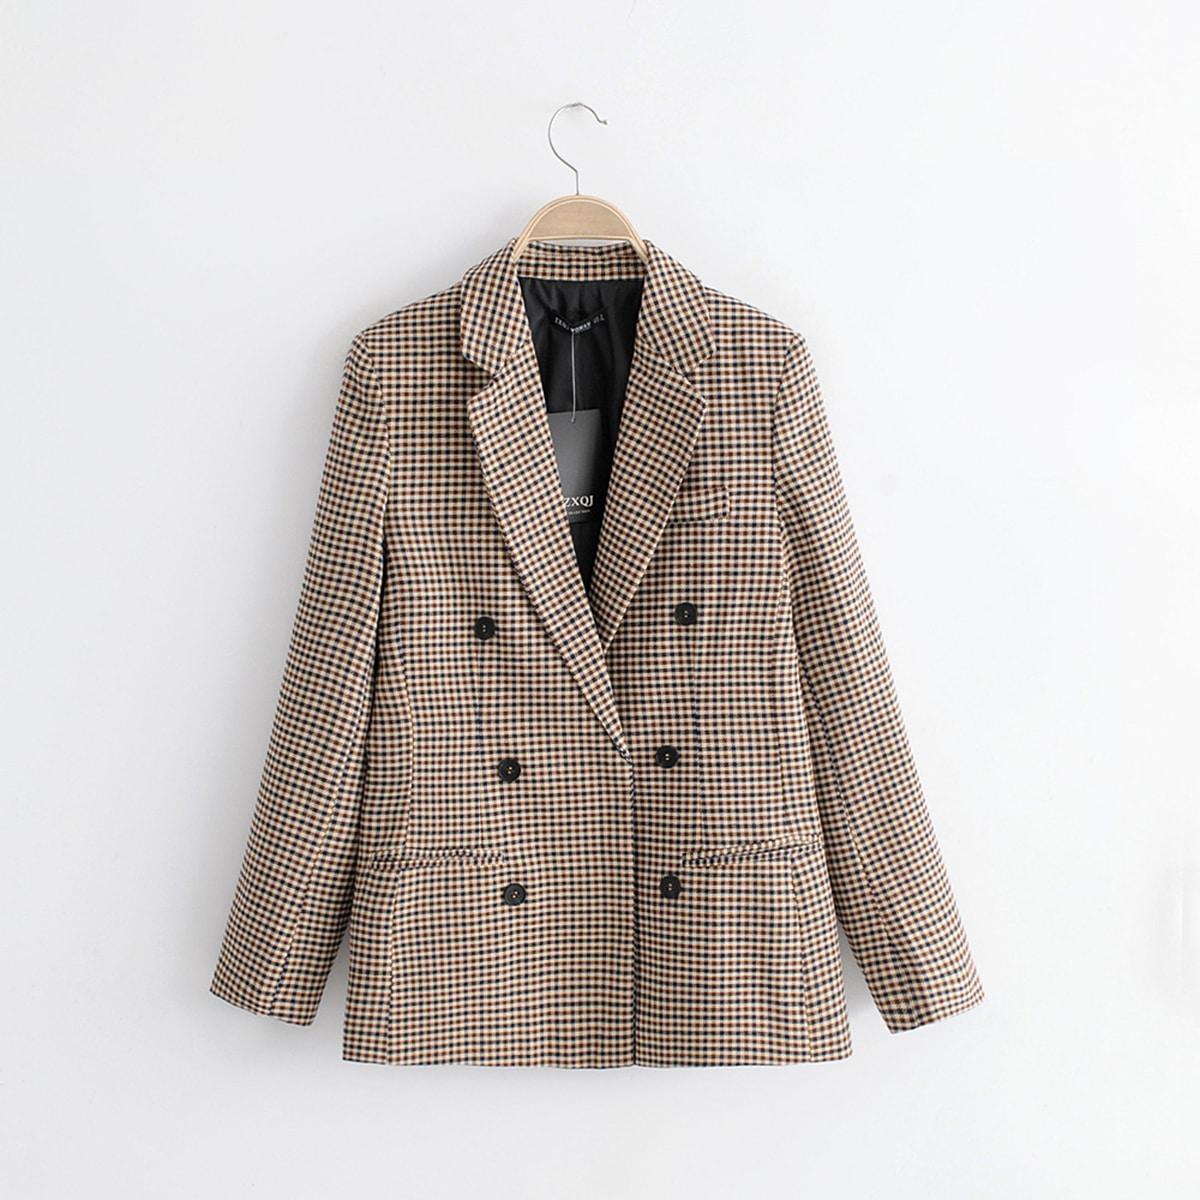 Двубортный пиджак в клетку с воротником-лацканом от SHEIN